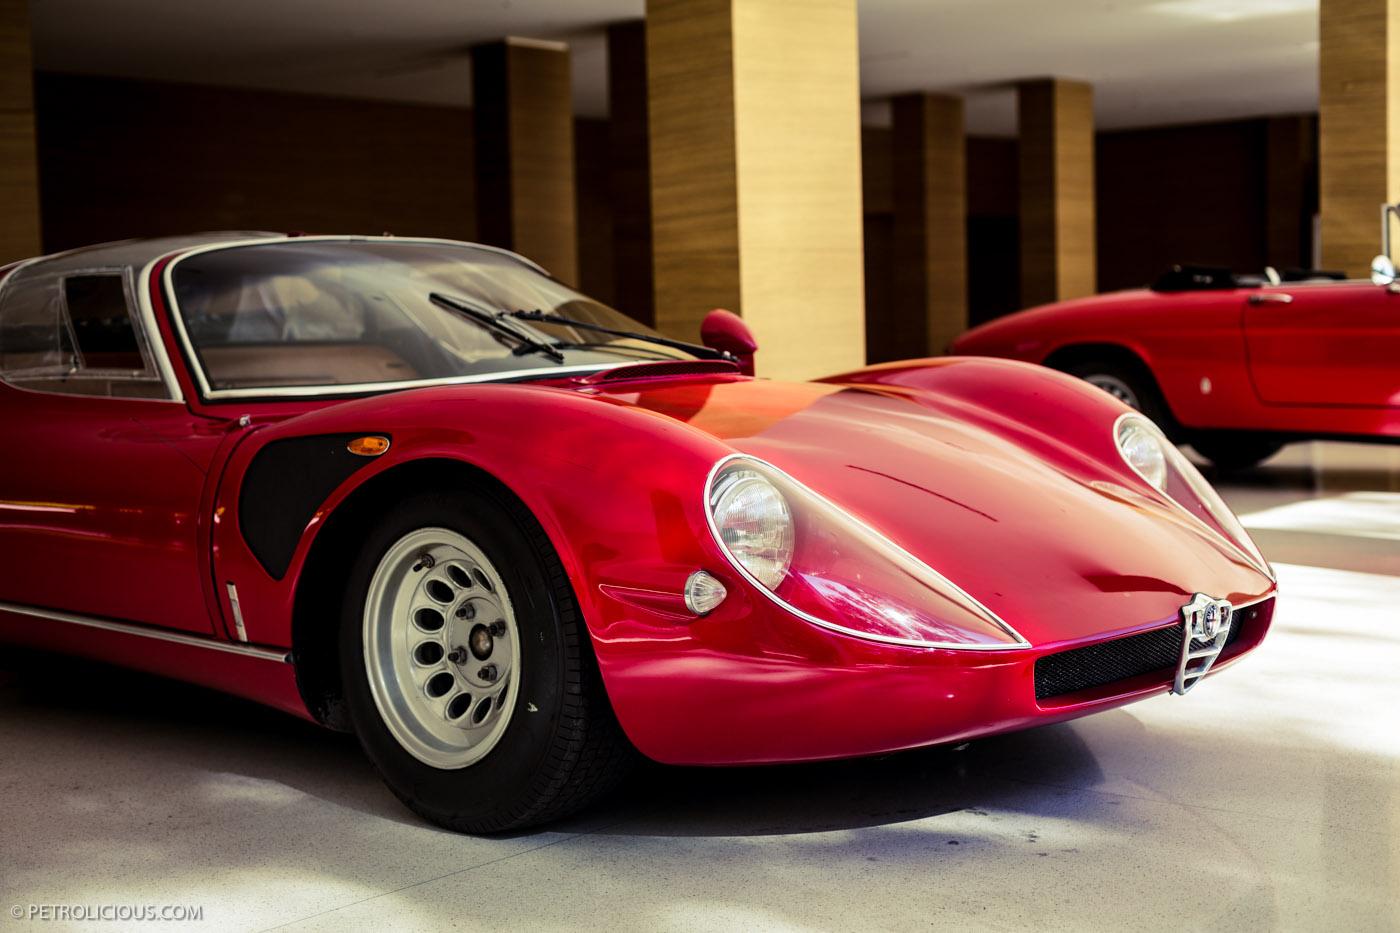 Le garage de reve page 3 auto titre for Garage forum automobile avignon